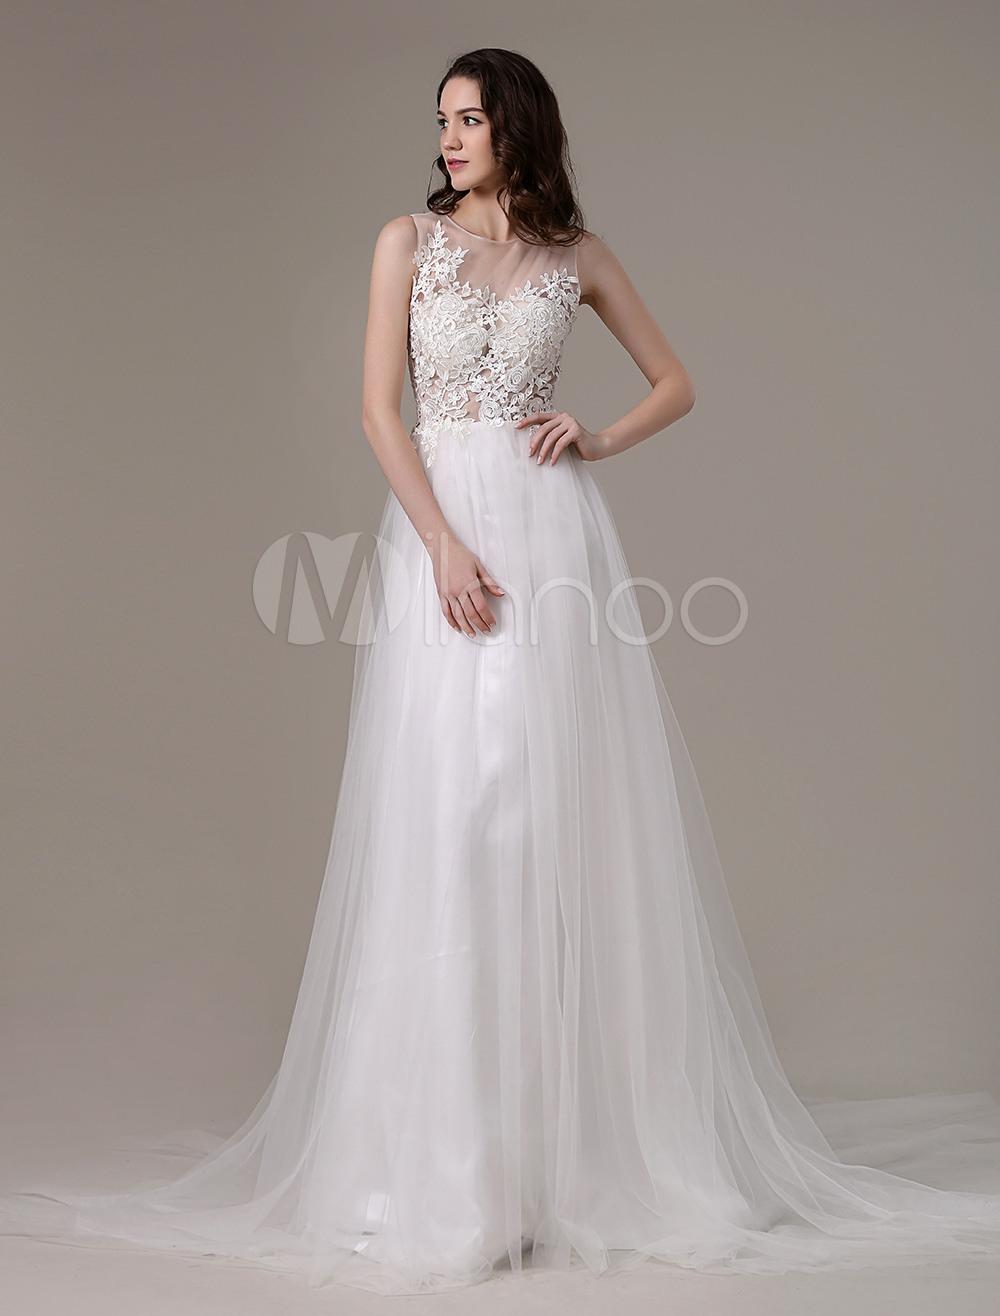 10 Luxus Abendkleid Weiß Spitze Bester PreisDesigner Top Abendkleid Weiß Spitze Boutique